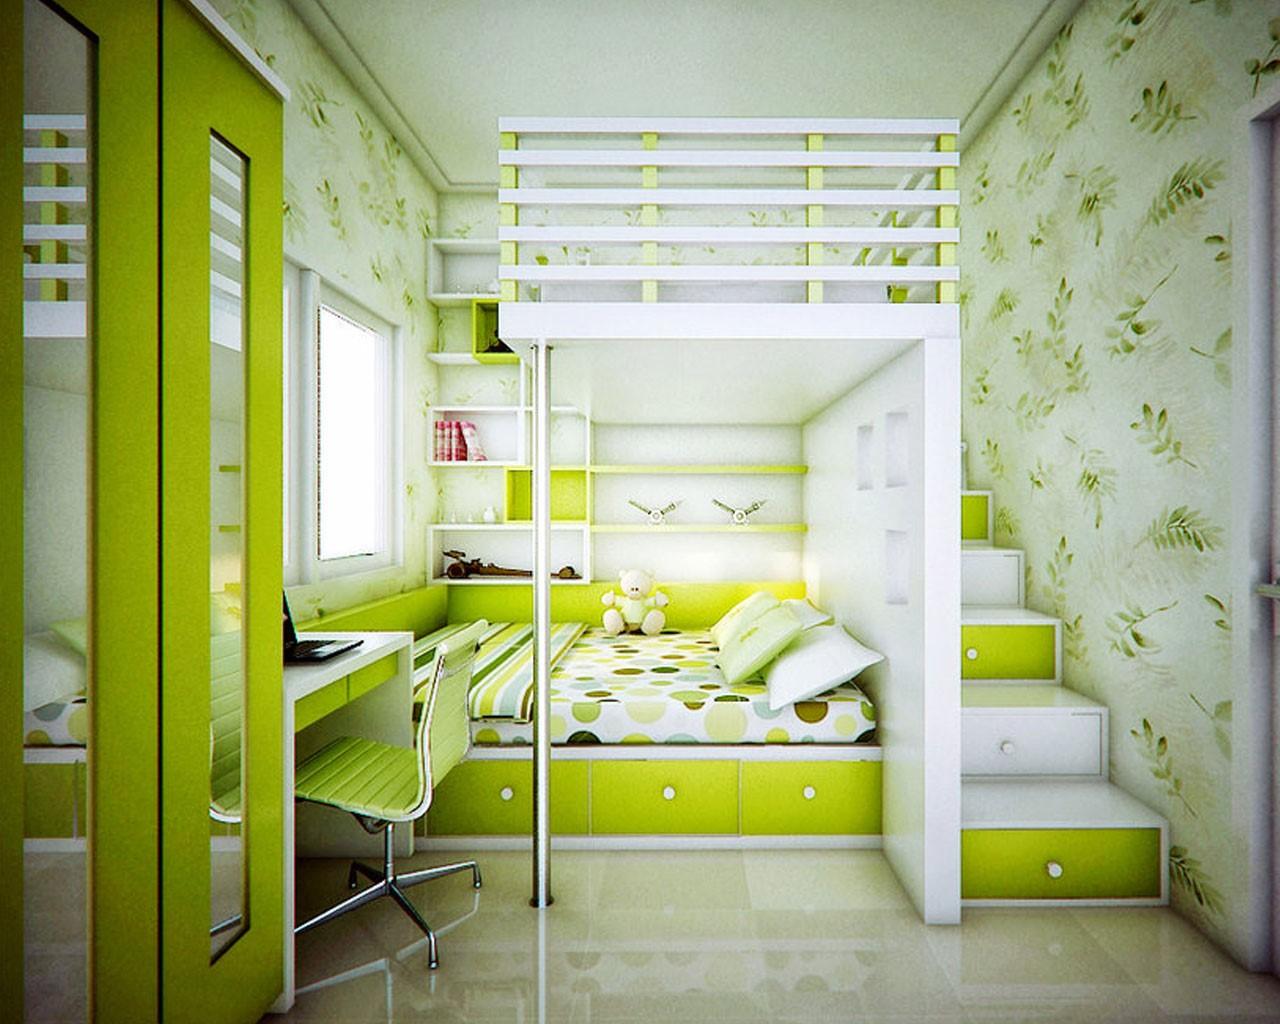 بالصور دهانات غرف اطفال , احدث الدهانات لغرفة طفلك 869 4